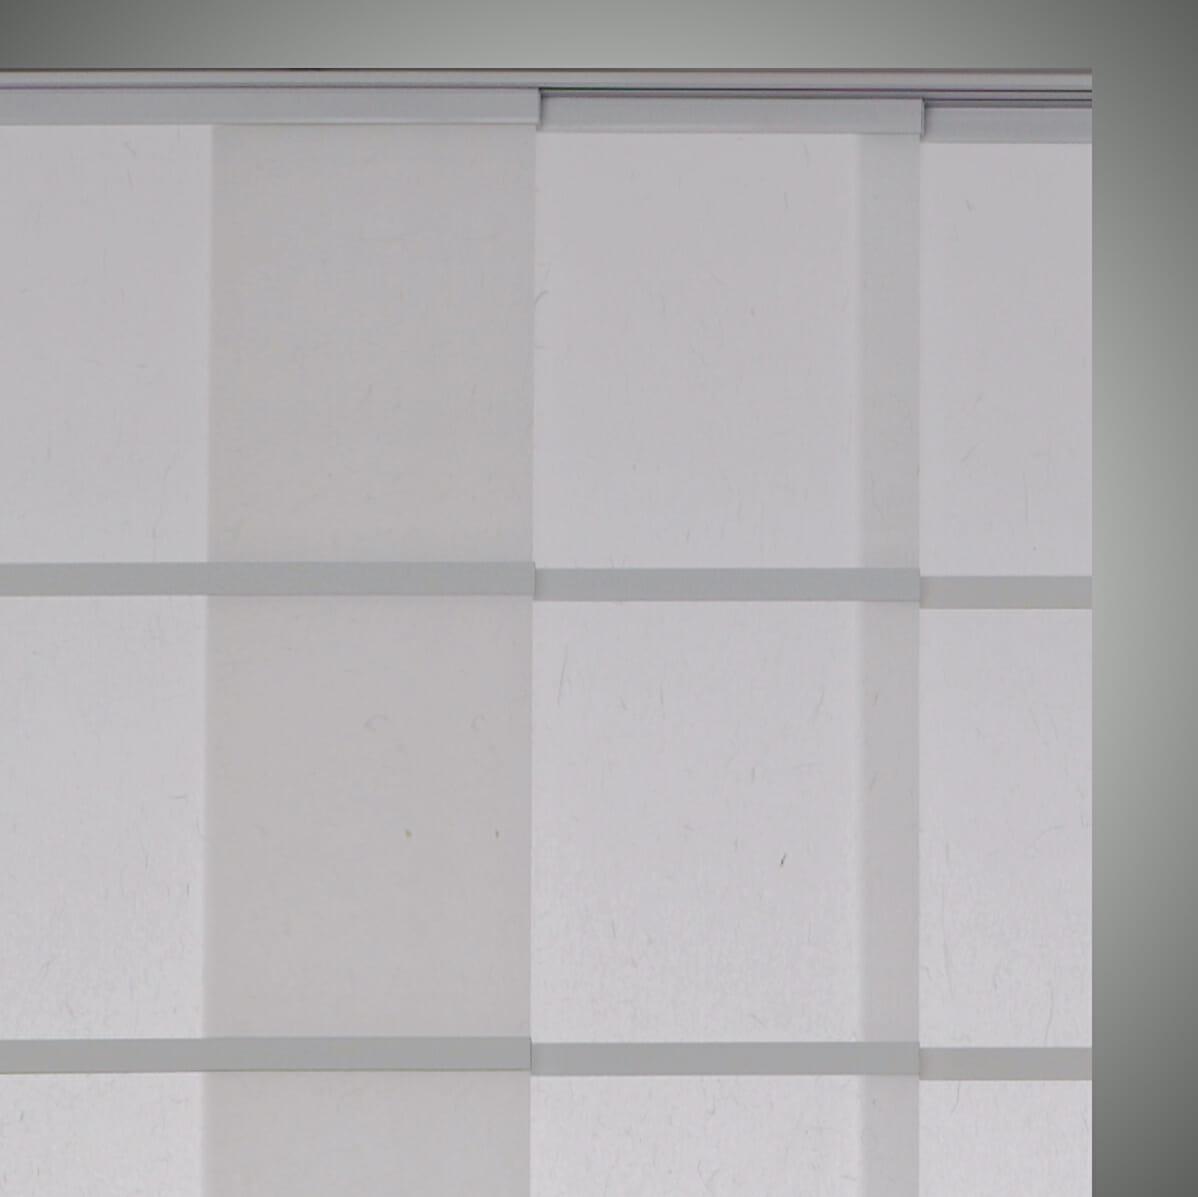 Paneelgordijnen assortimentenpagina